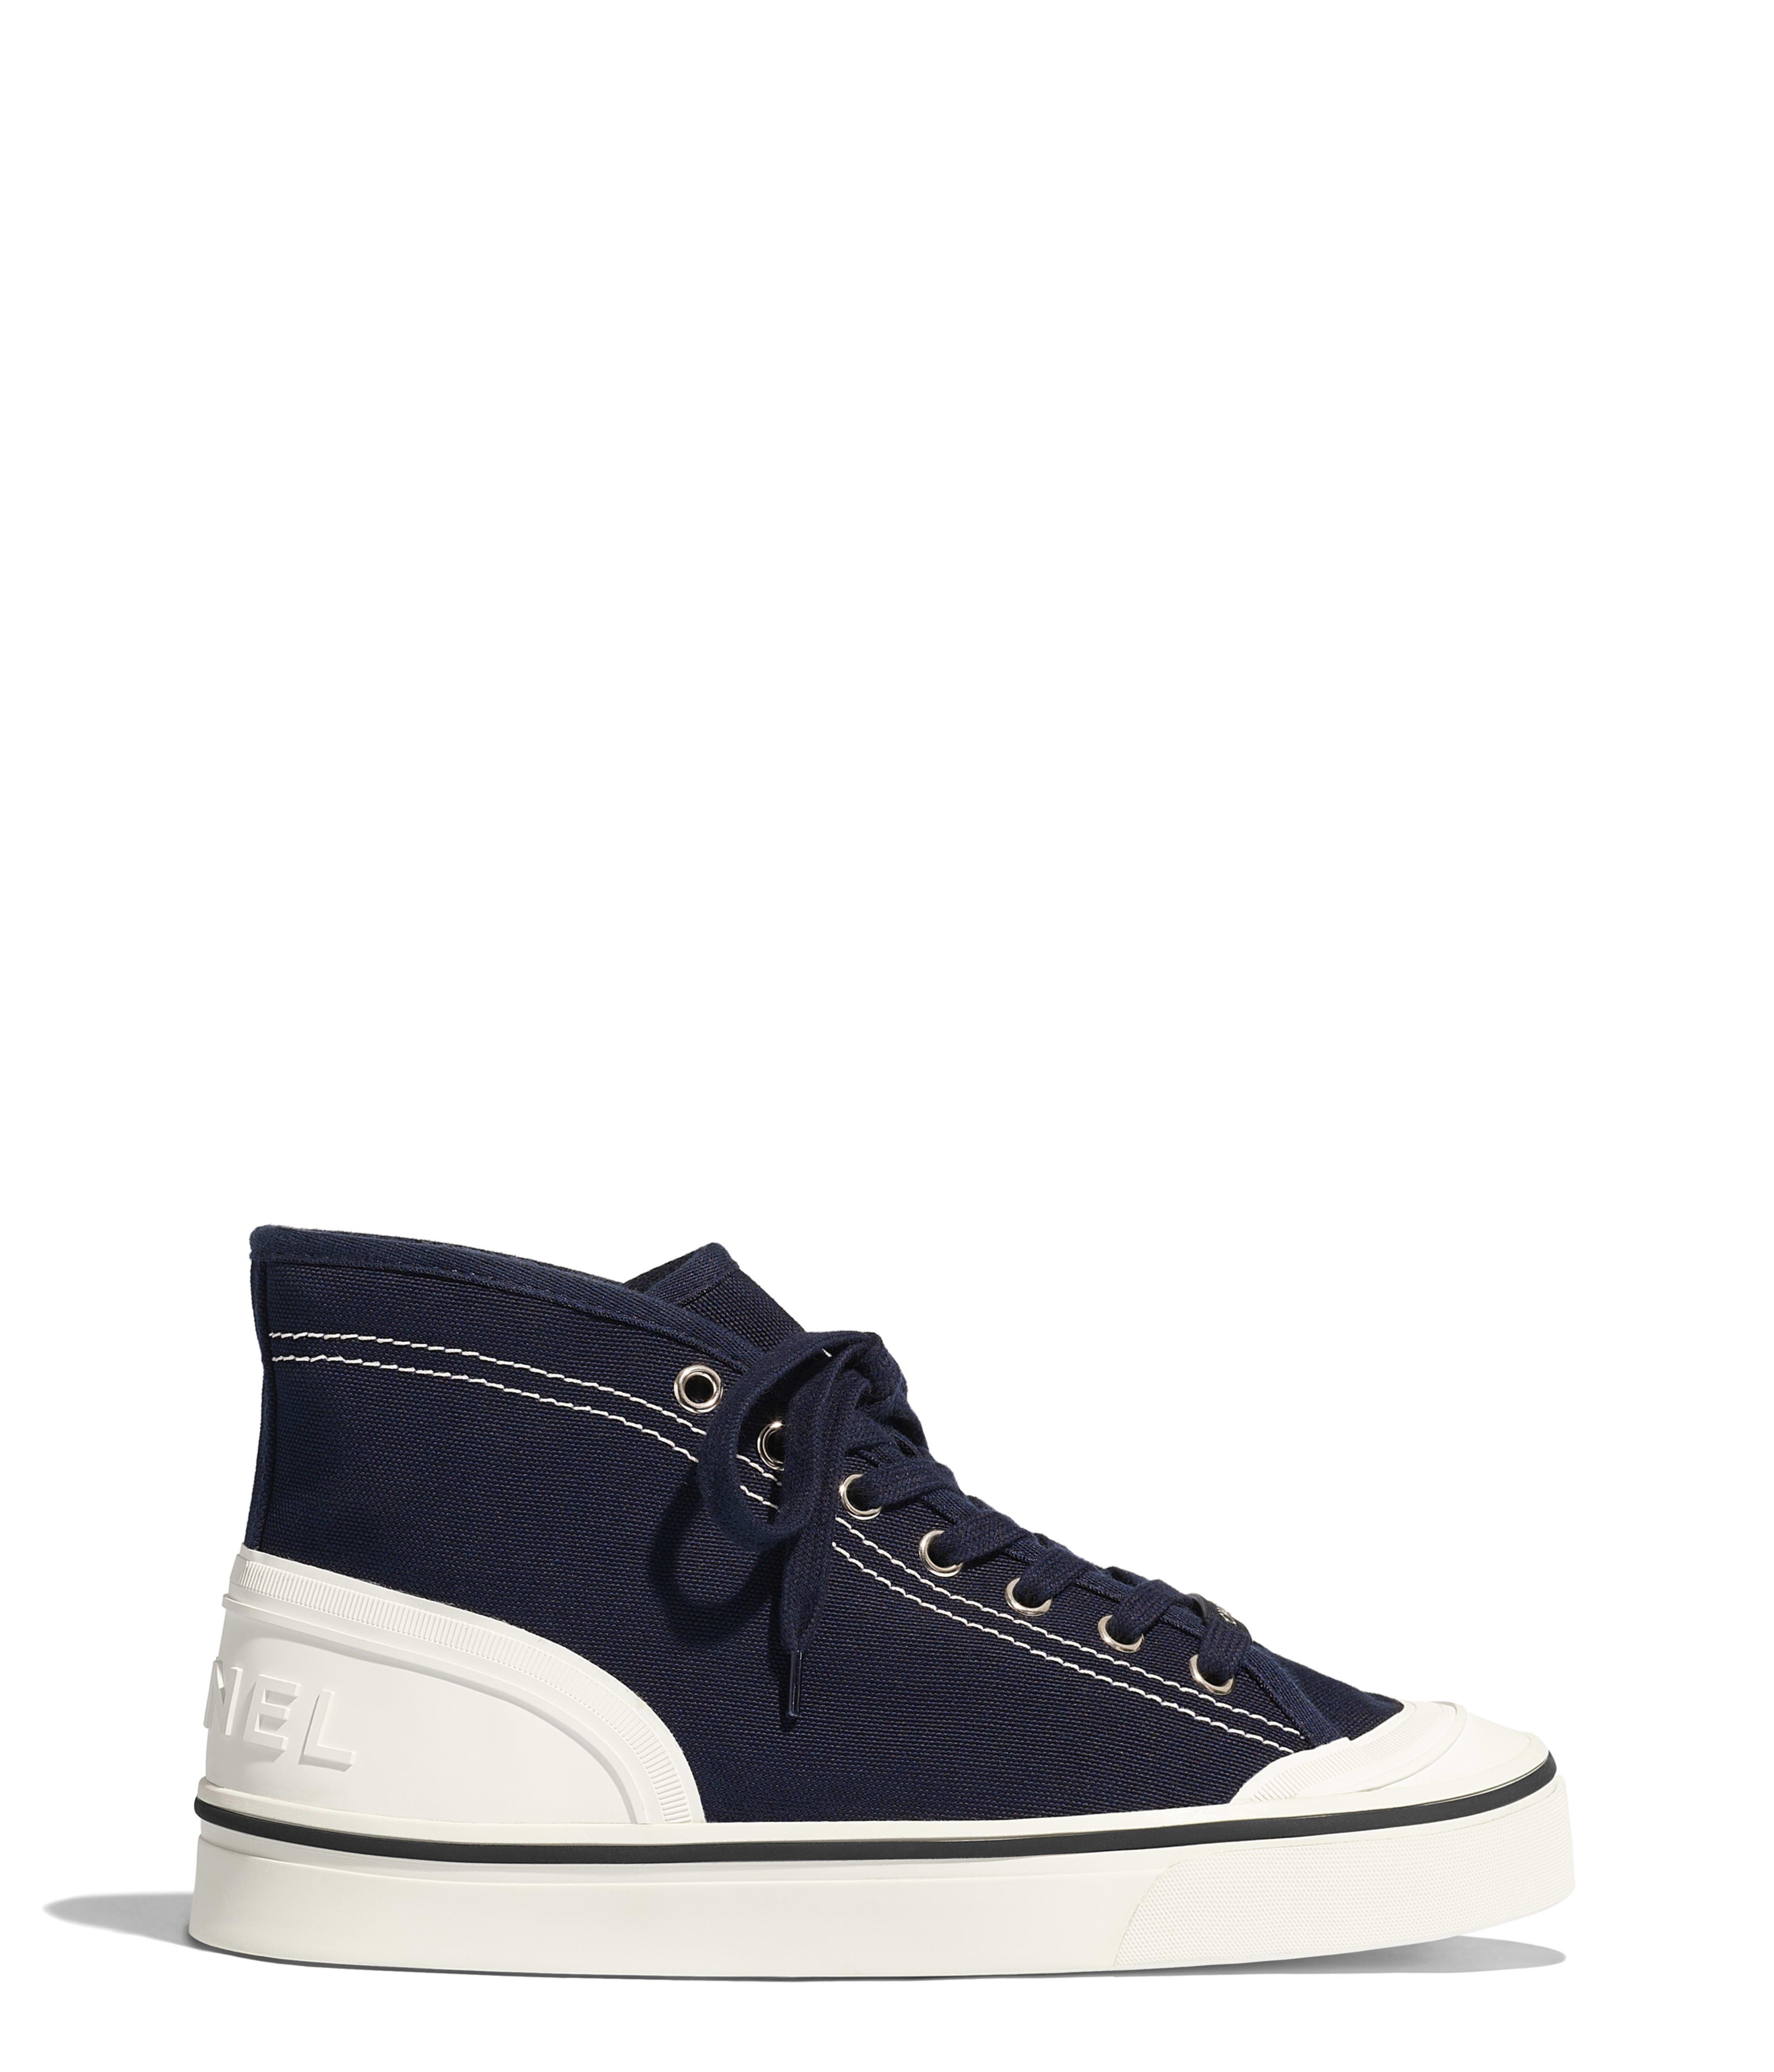 1c40364eb70e Sneakers - Shoes